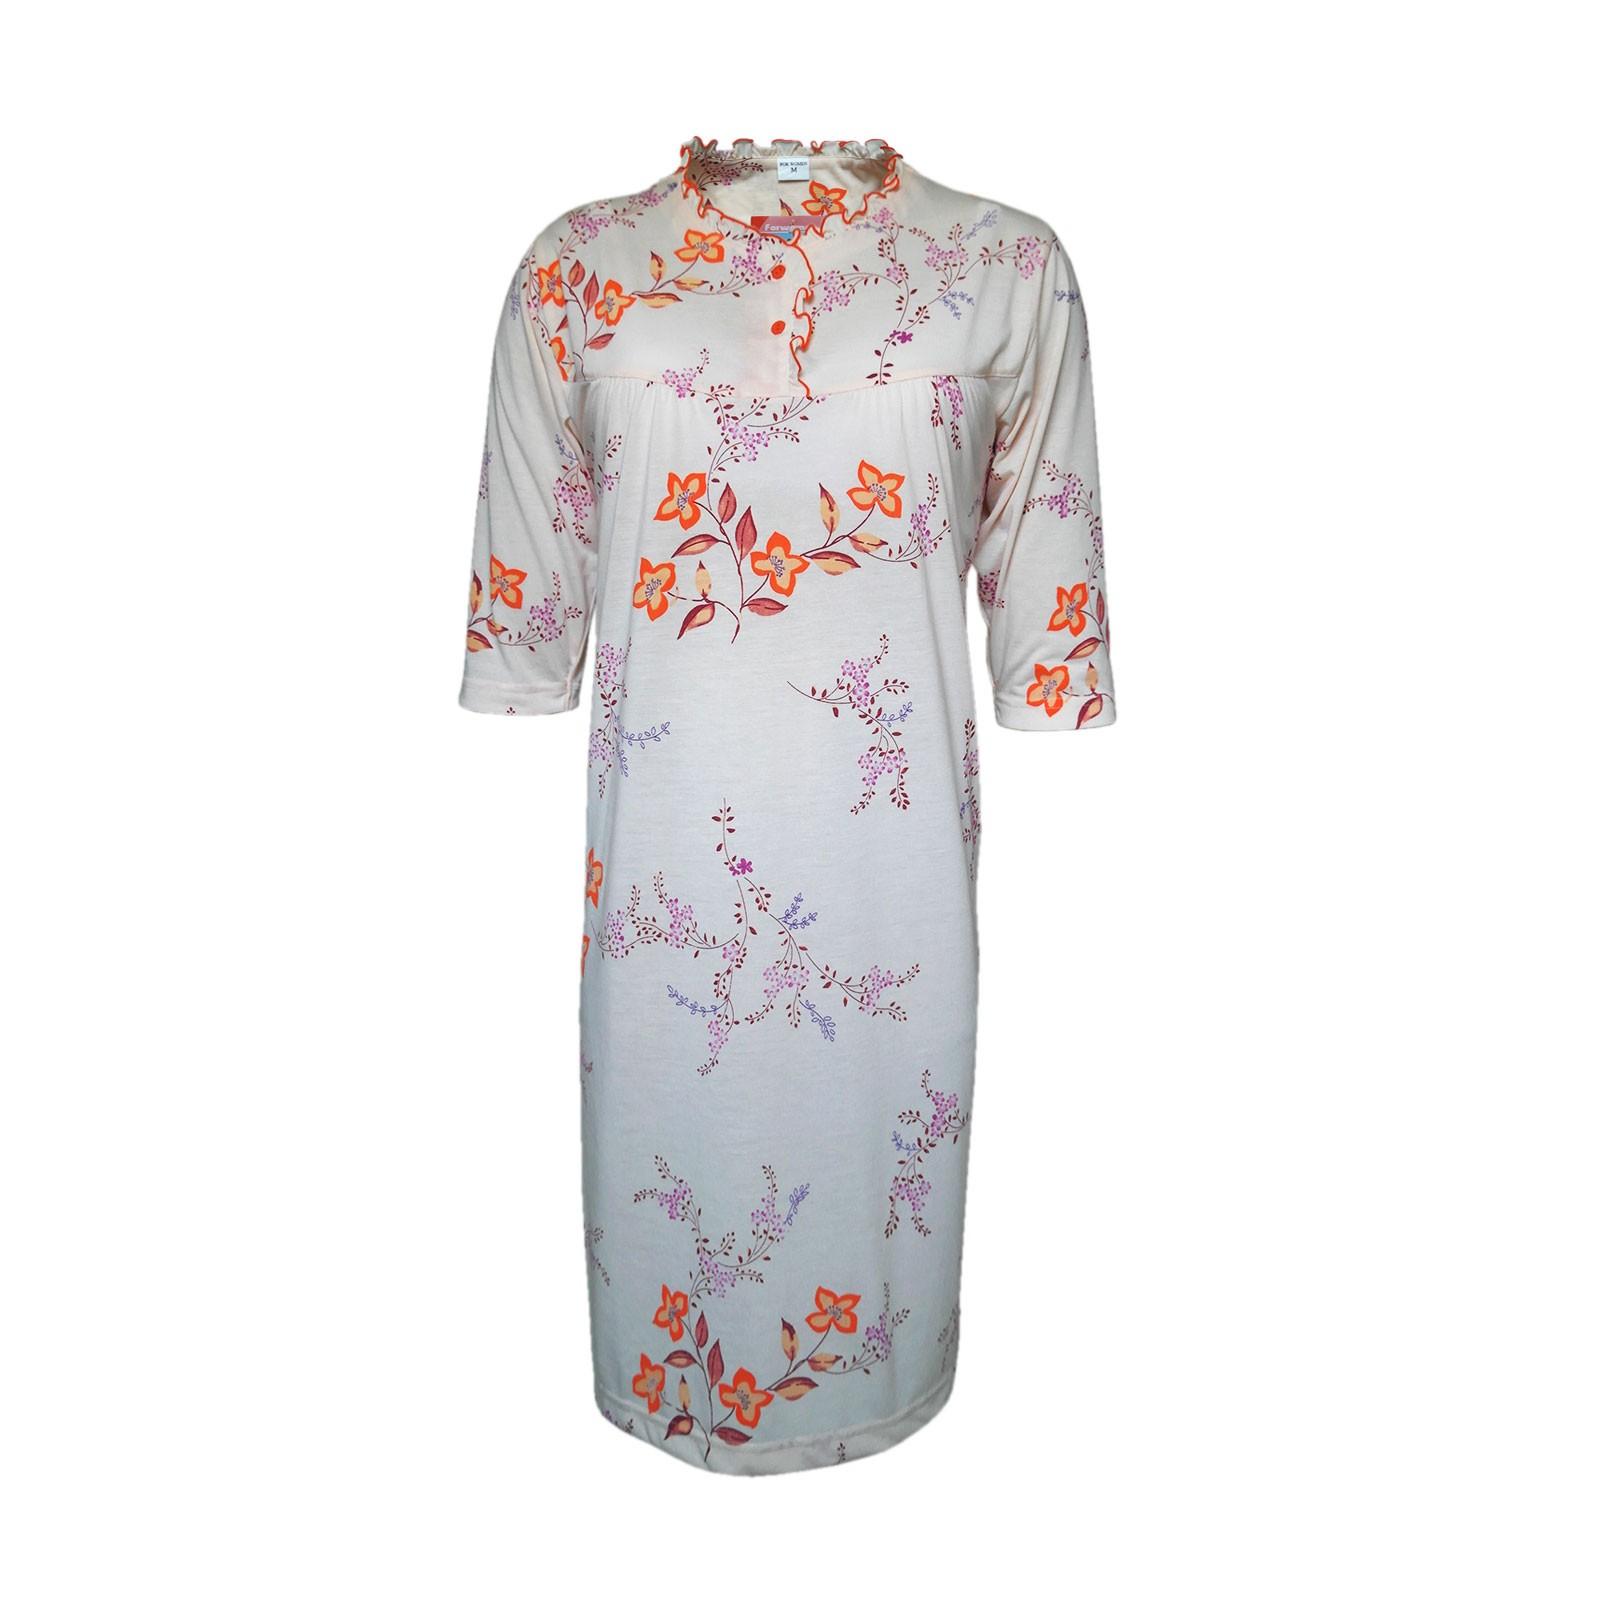 Damen Nachthemd, Schlafshirts mit Halbärmeln, 100% Baumwolle Orange